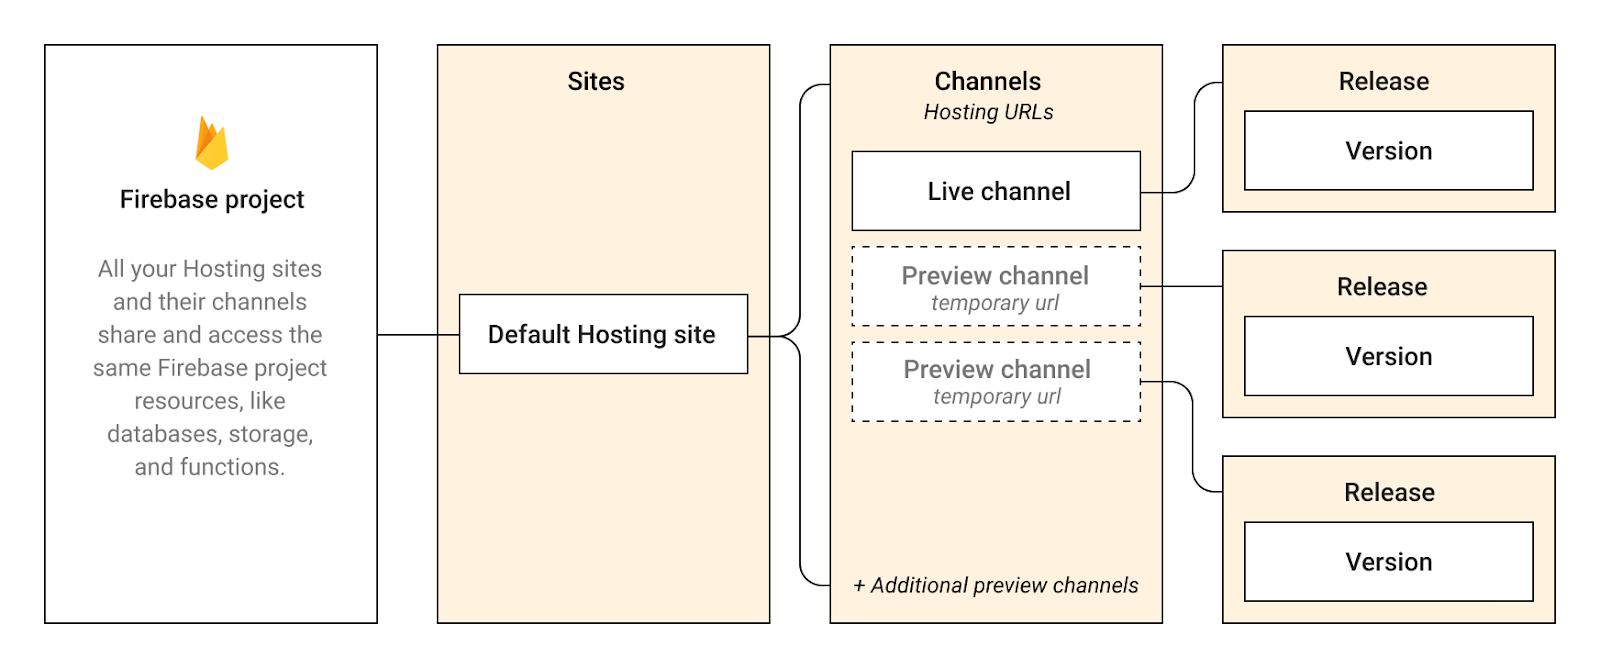 une image de la hiérarchie Firebase Hosting